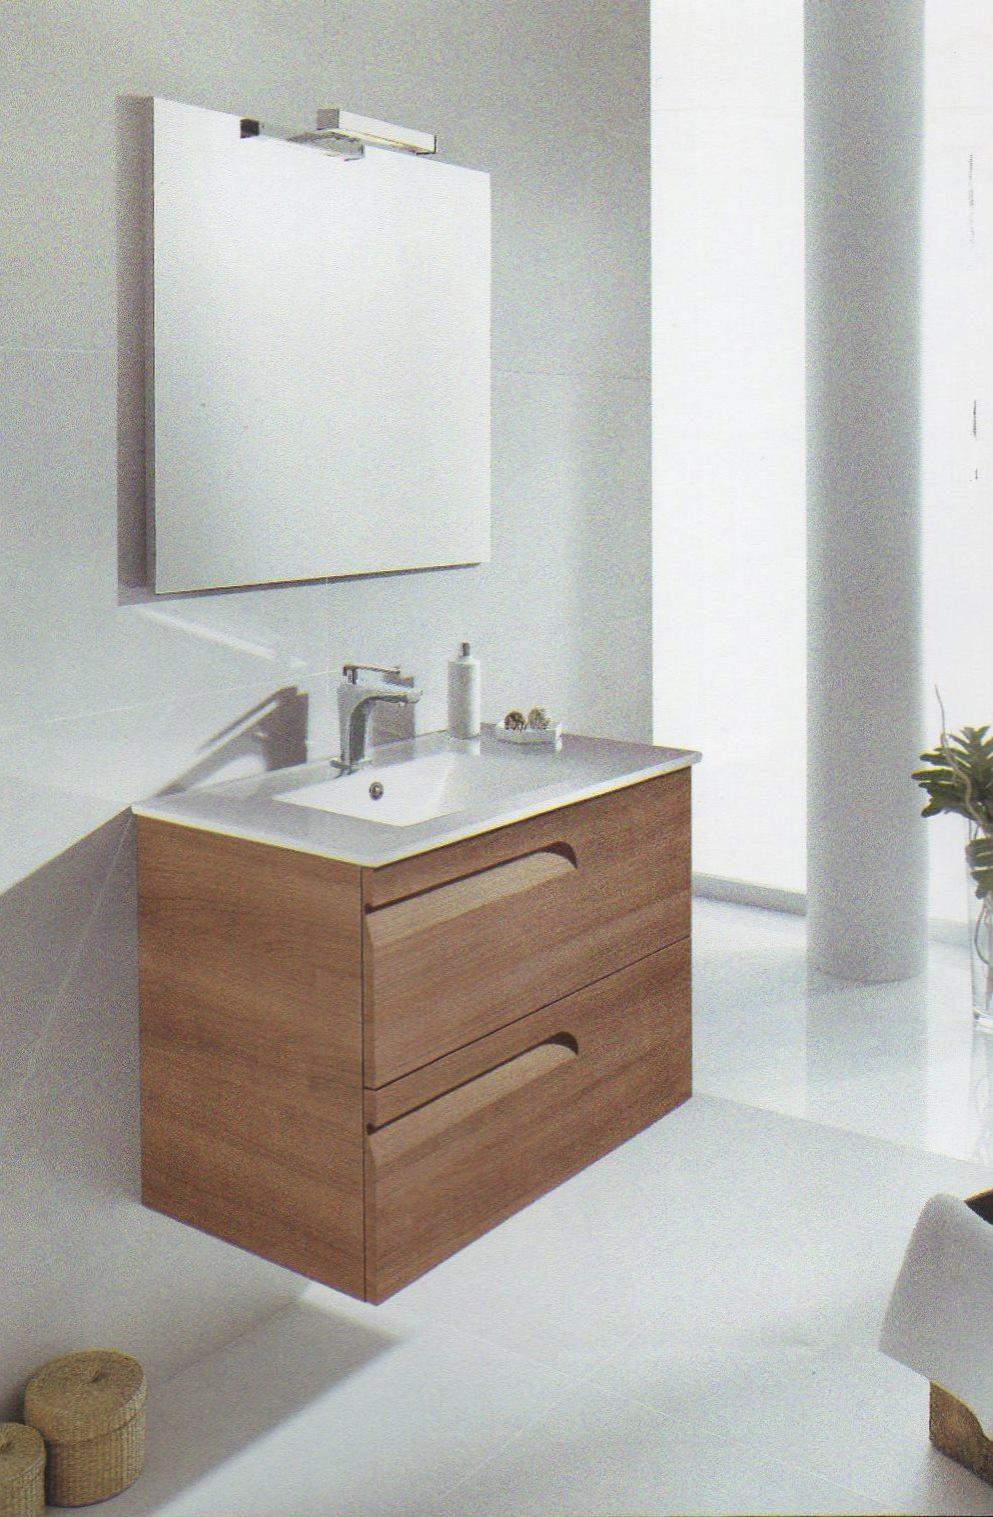 Oferta mueble de ba o vitale 80 de royo bath online todo - Ofertas en muebles de bano ...